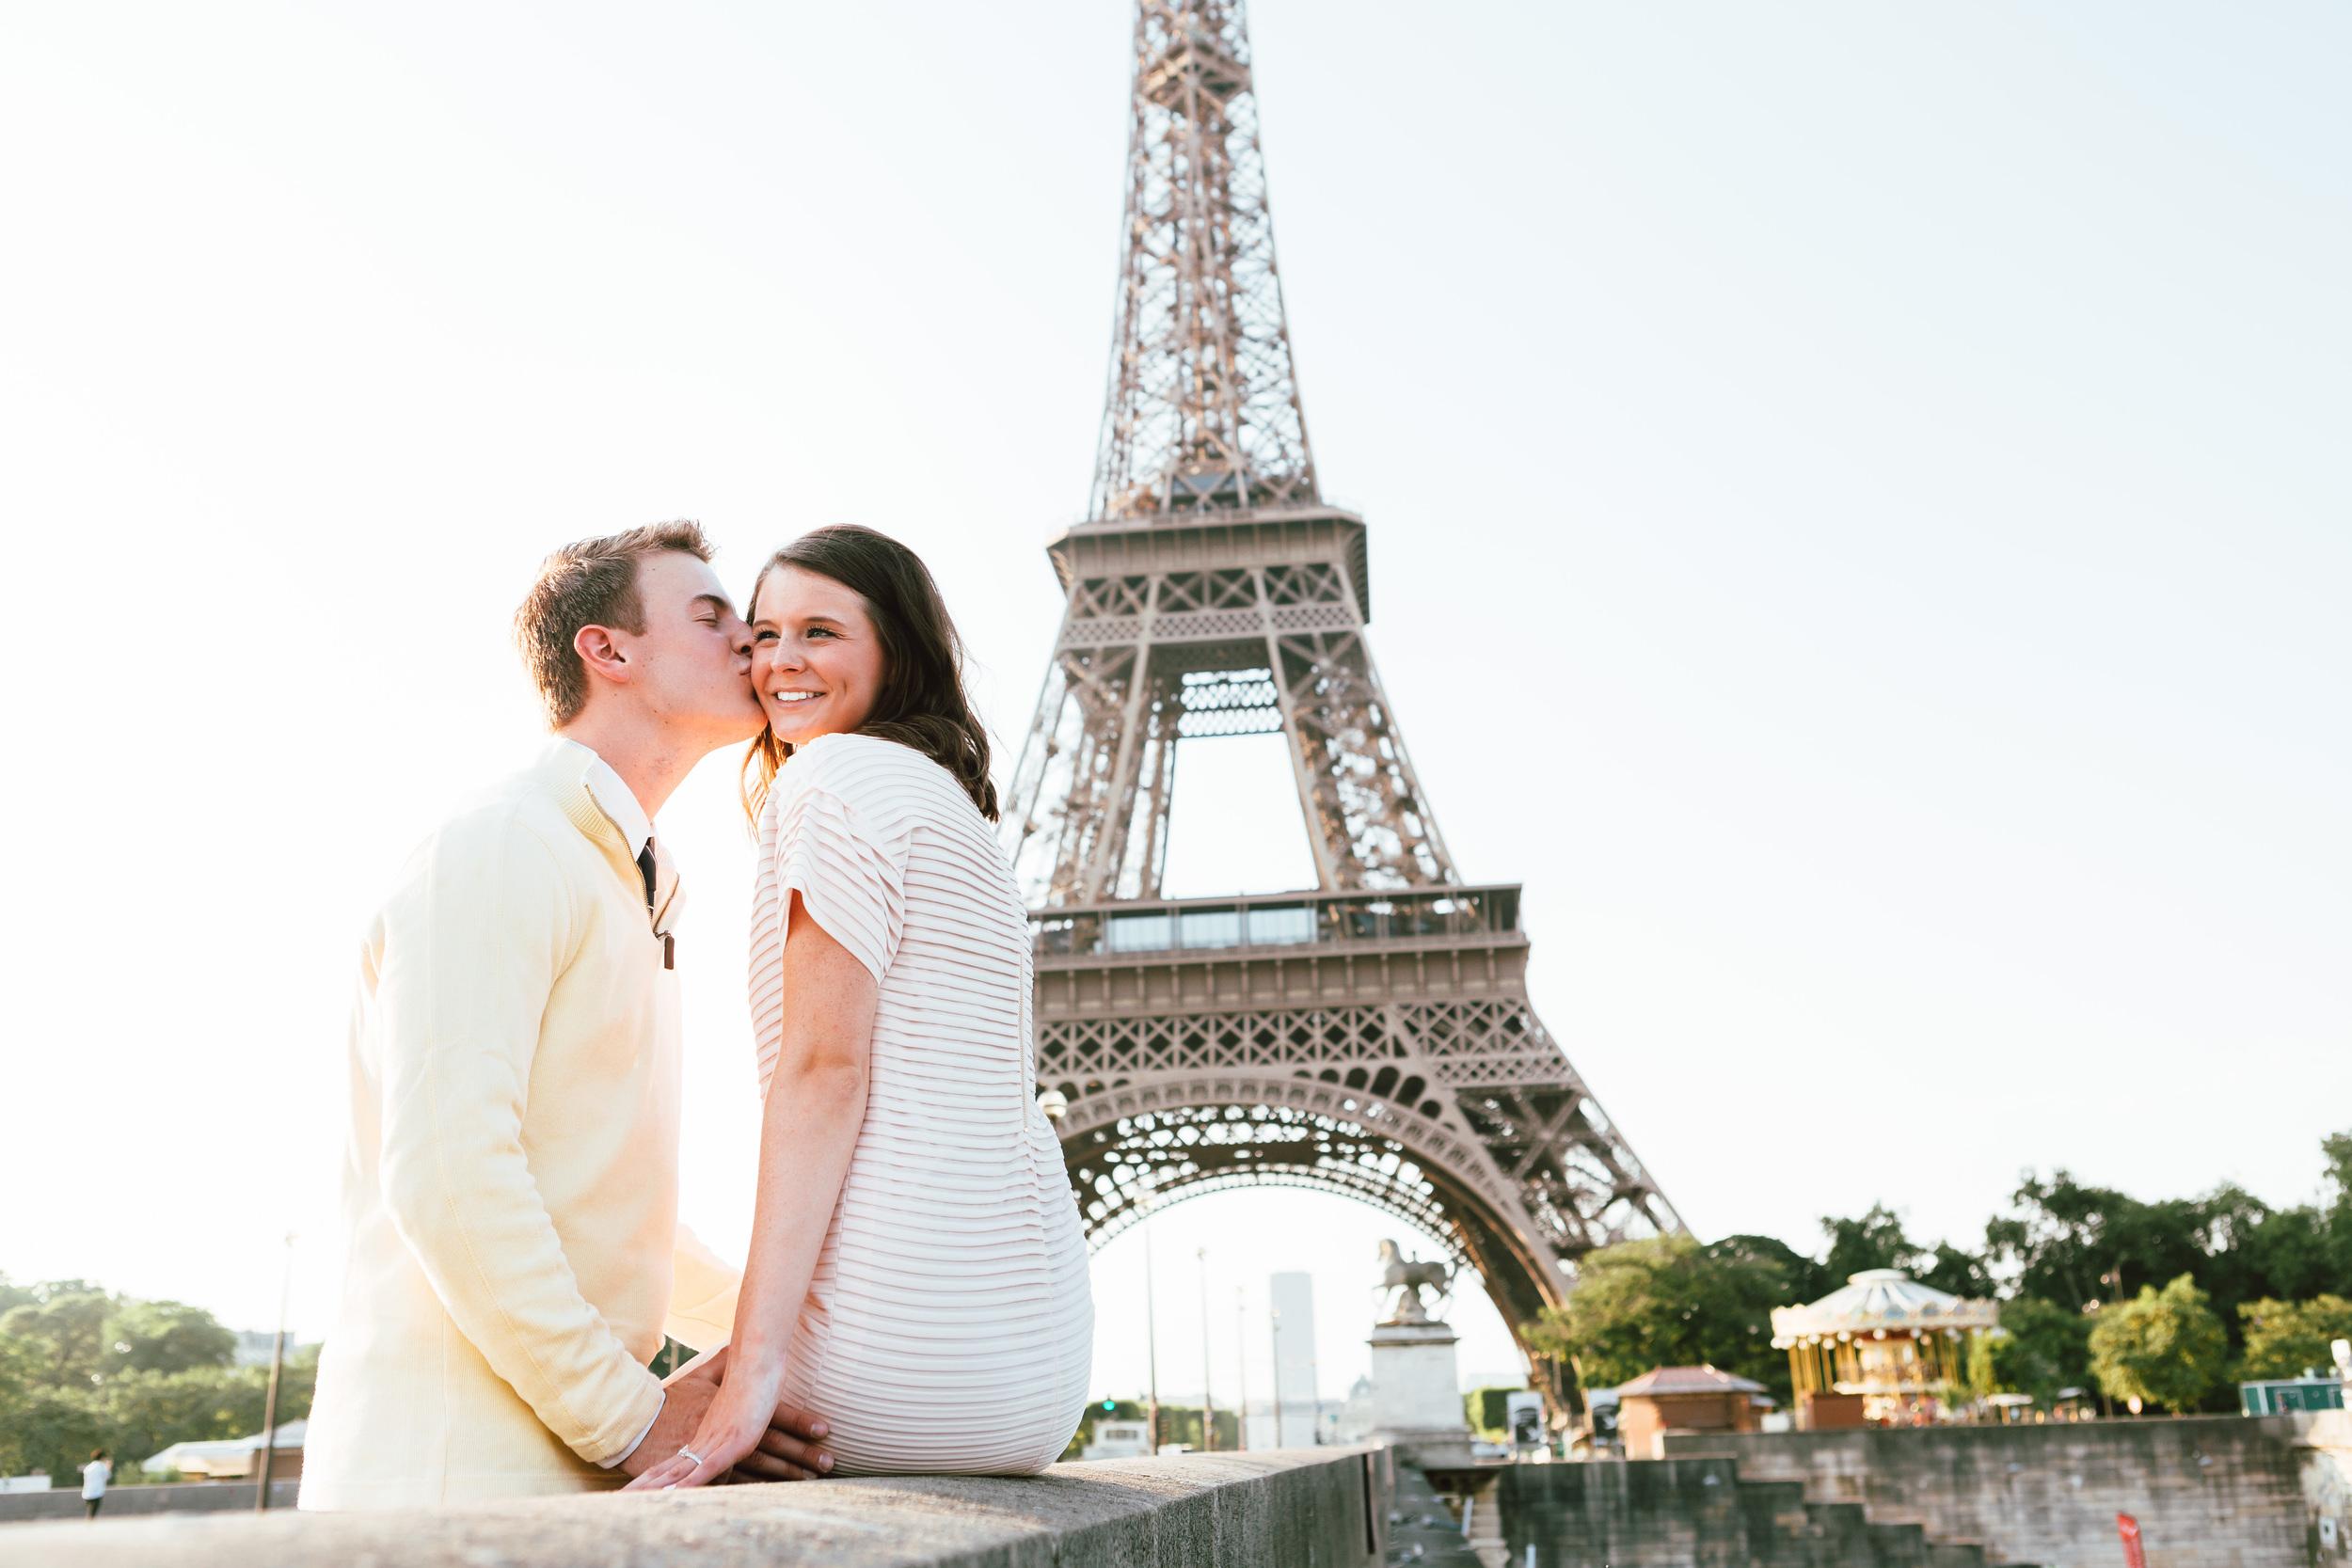 Photographer in Paris, Eiffel Tower, Surprise Proposal, Kiss, Iheartparisfr